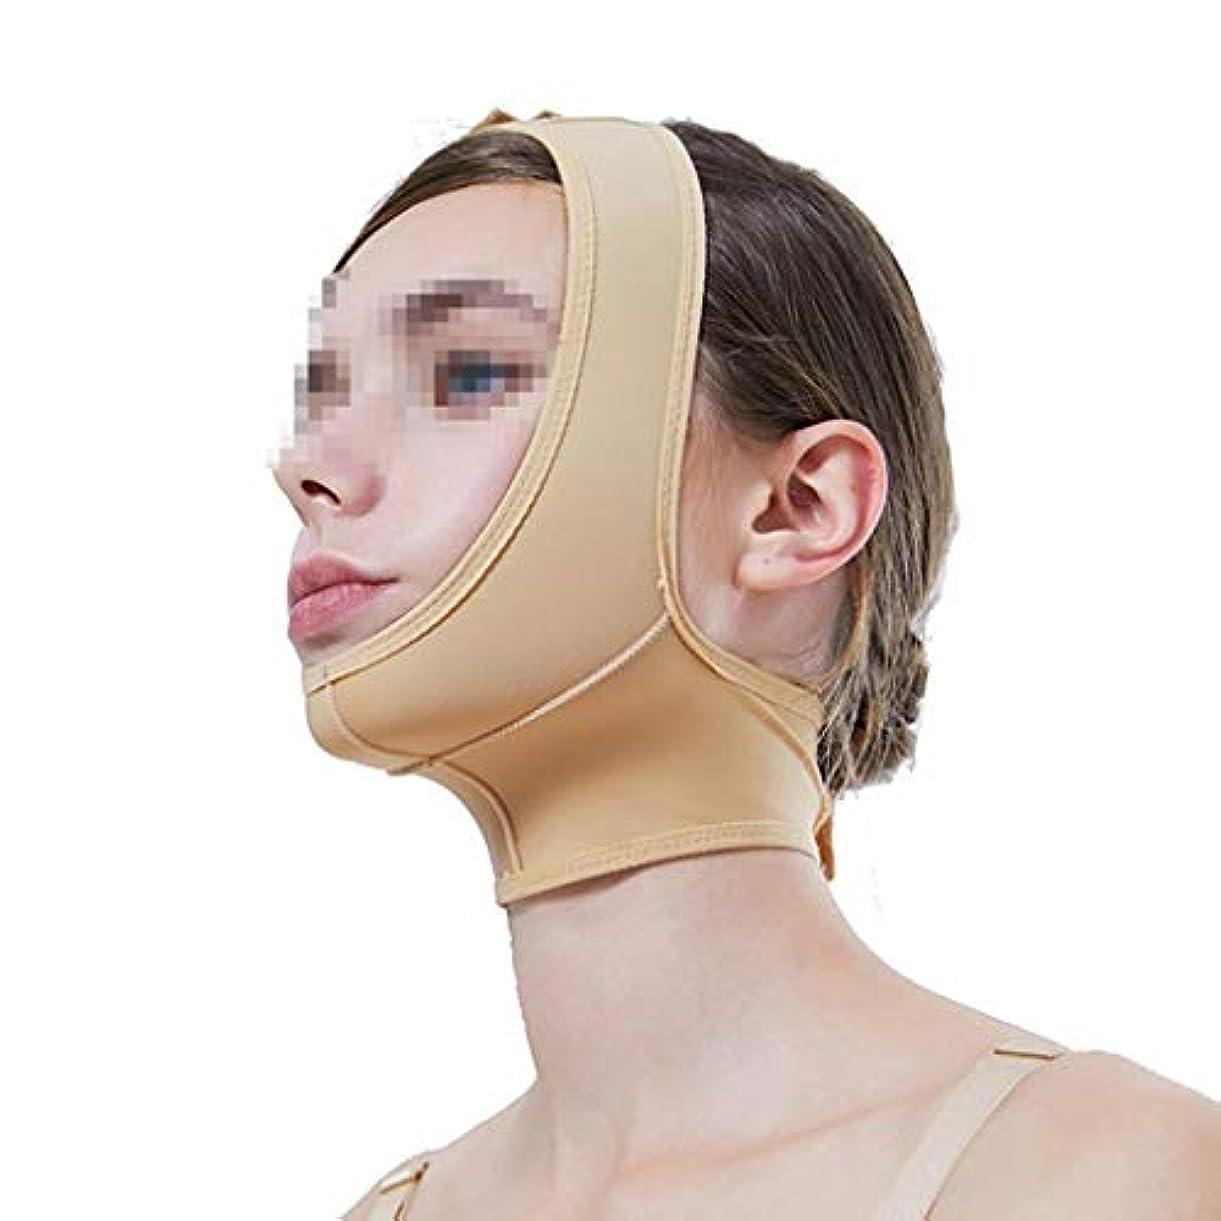 虫半導体取得する弾性の薄いフェイスフード、下顎スリーブ術後の弾性スリーブのフェイスVフェイスマスク付きの薄いダブルチンビーストバーマルチサイズオプション(サイズ:M)